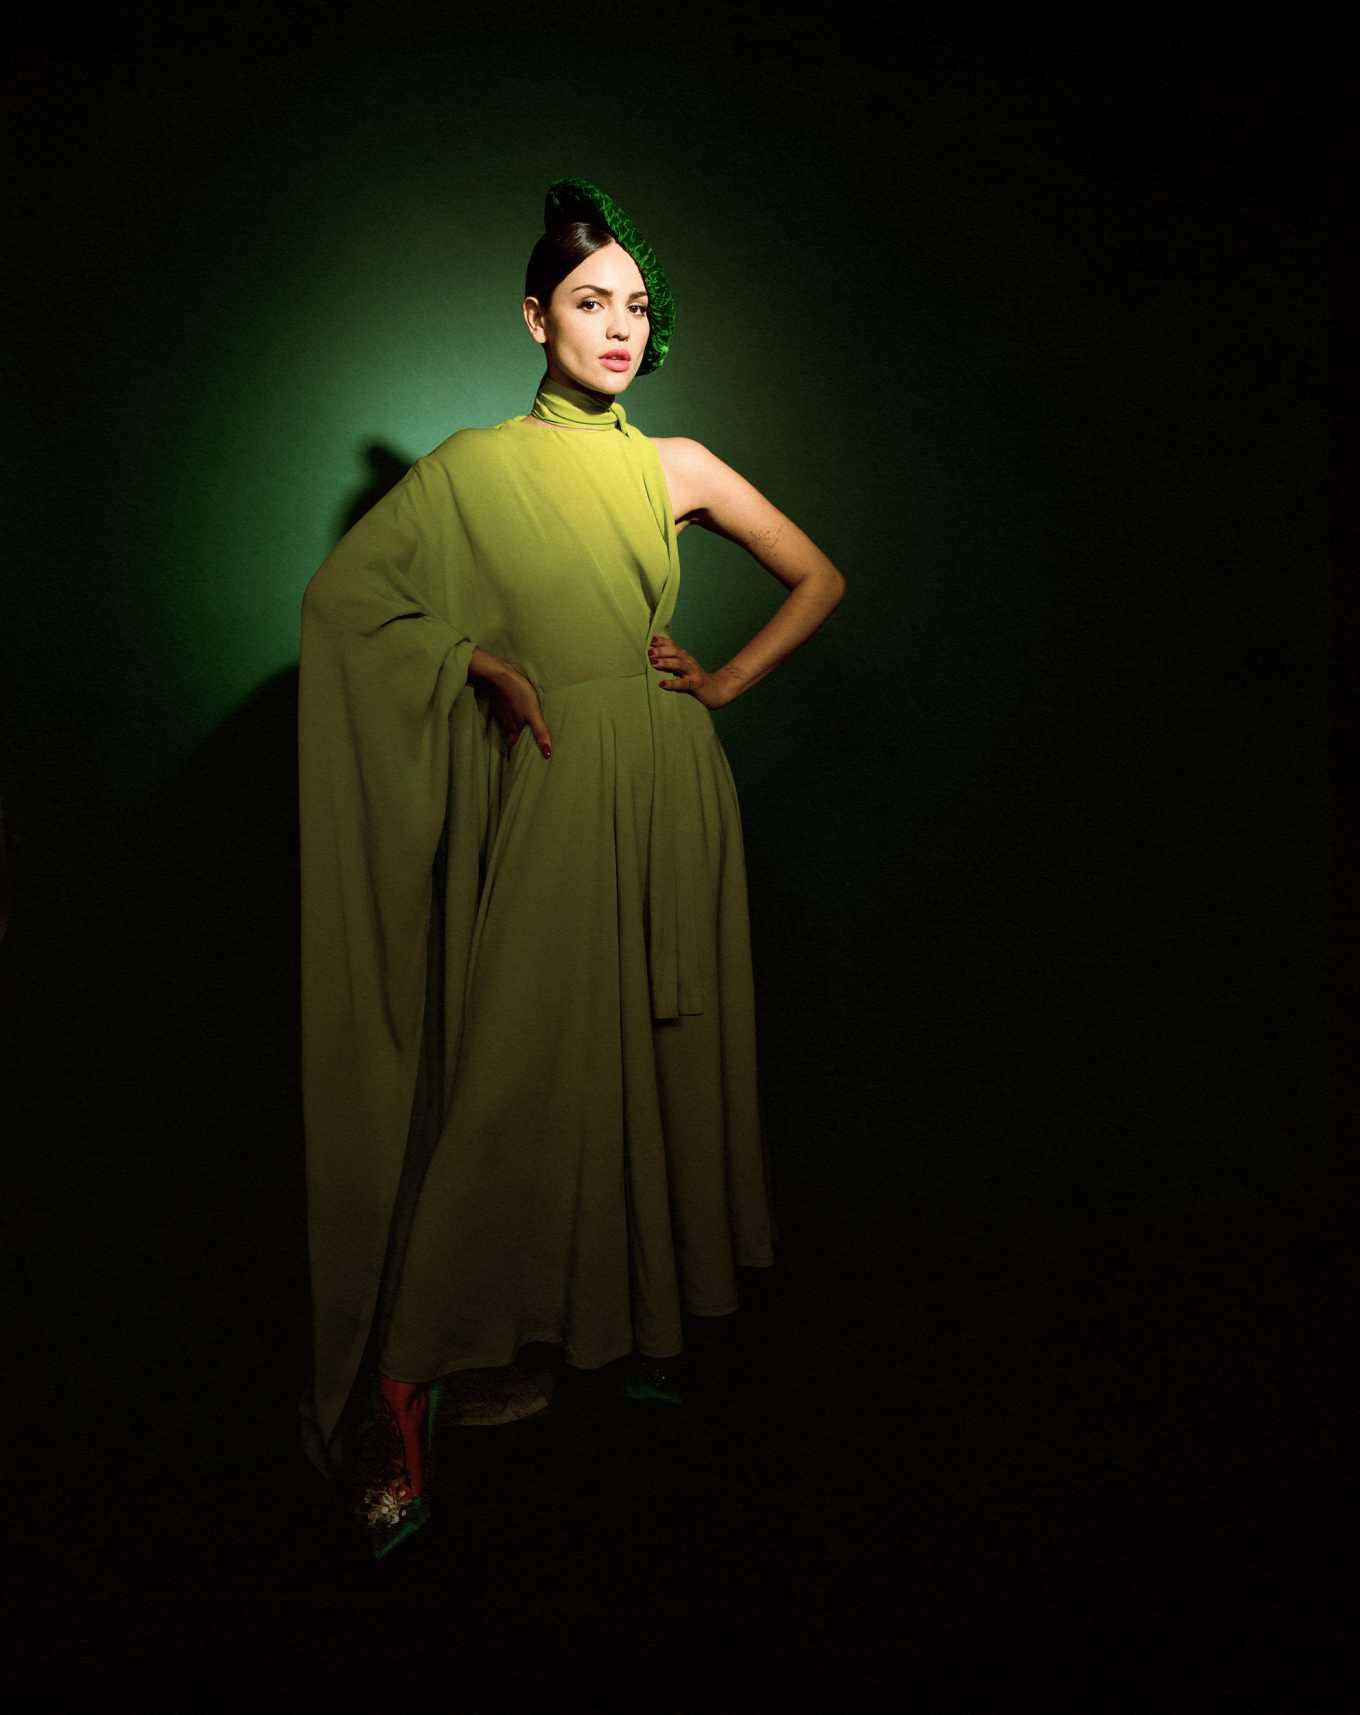 Eiza Gonzalez 2020 : Eiza Gonzalez – ContentMode Magazine 2020-10